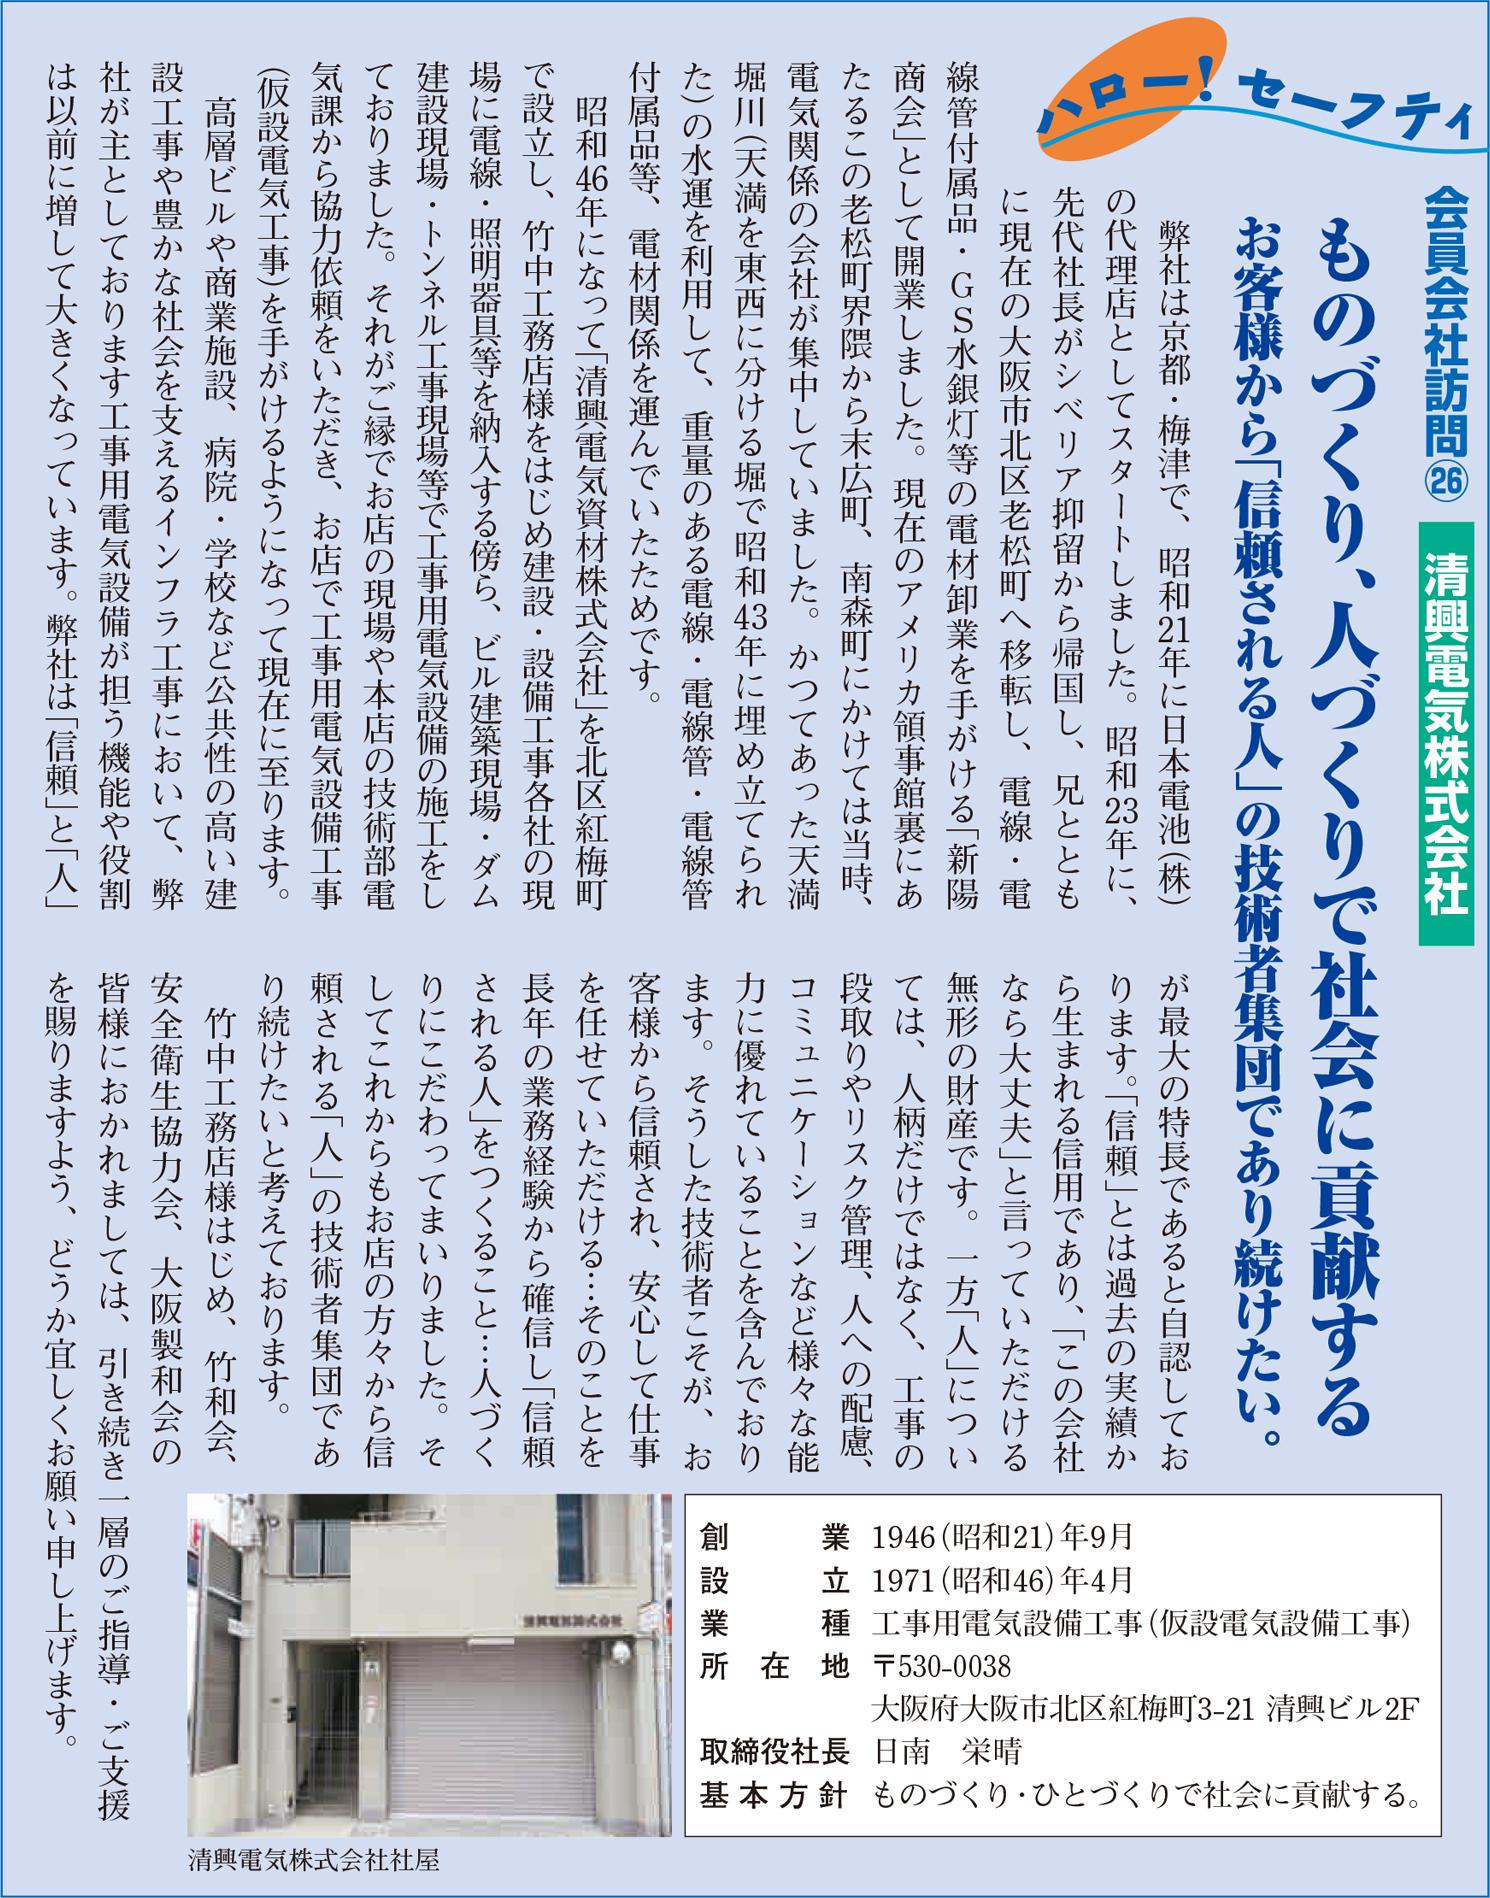 (株)竹中工務店 安全衛生協力会の広報誌に弊社の記事が掲載されました。